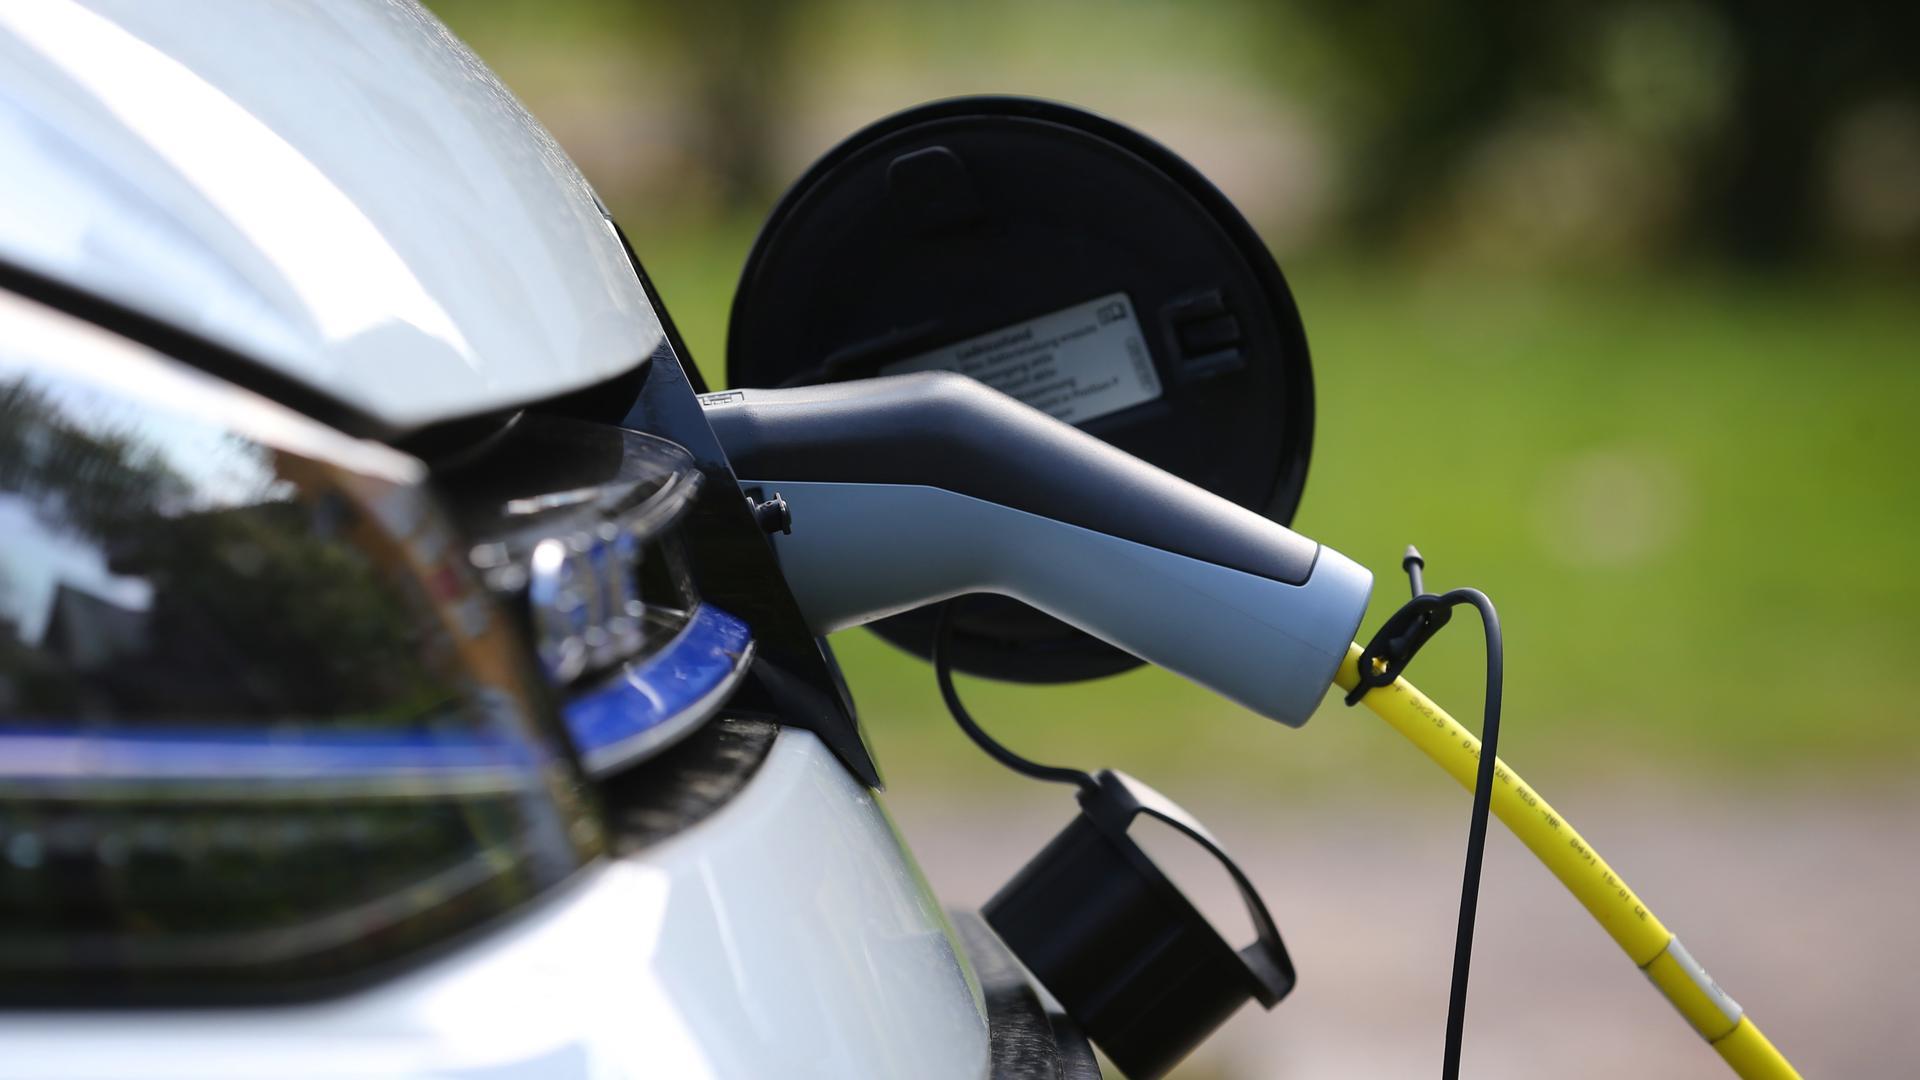 Der Akku eines Plug-in-Hybriden lässt sich oft auch an einer Haushaltssteckdose laden. Doch viele Nutzer tun das offenbar nicht regelmäßig.